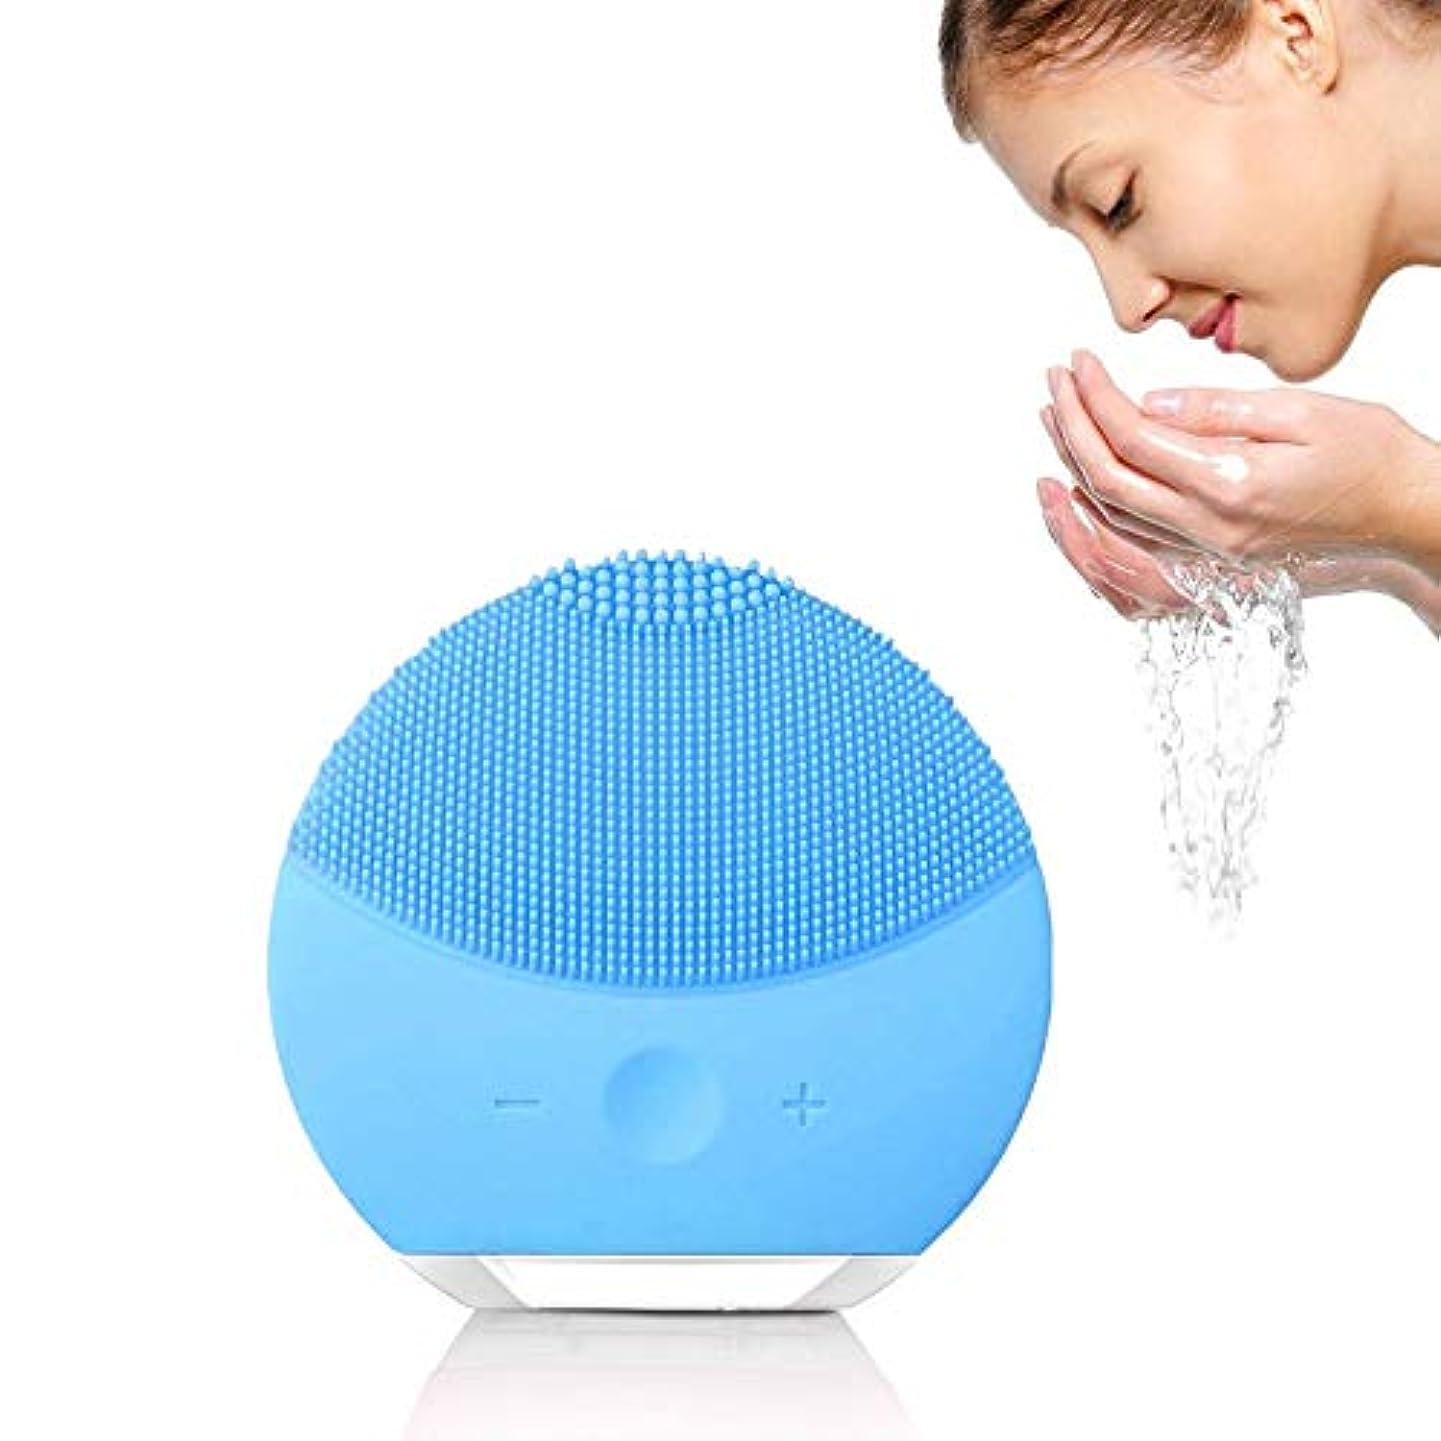 省略有害な従事したすべての肌タイプ用のアンチエイジングスキンケアデバイス防水シリコンフェイシャルブラシエレクトリックフェイスVībratingマッサージ器